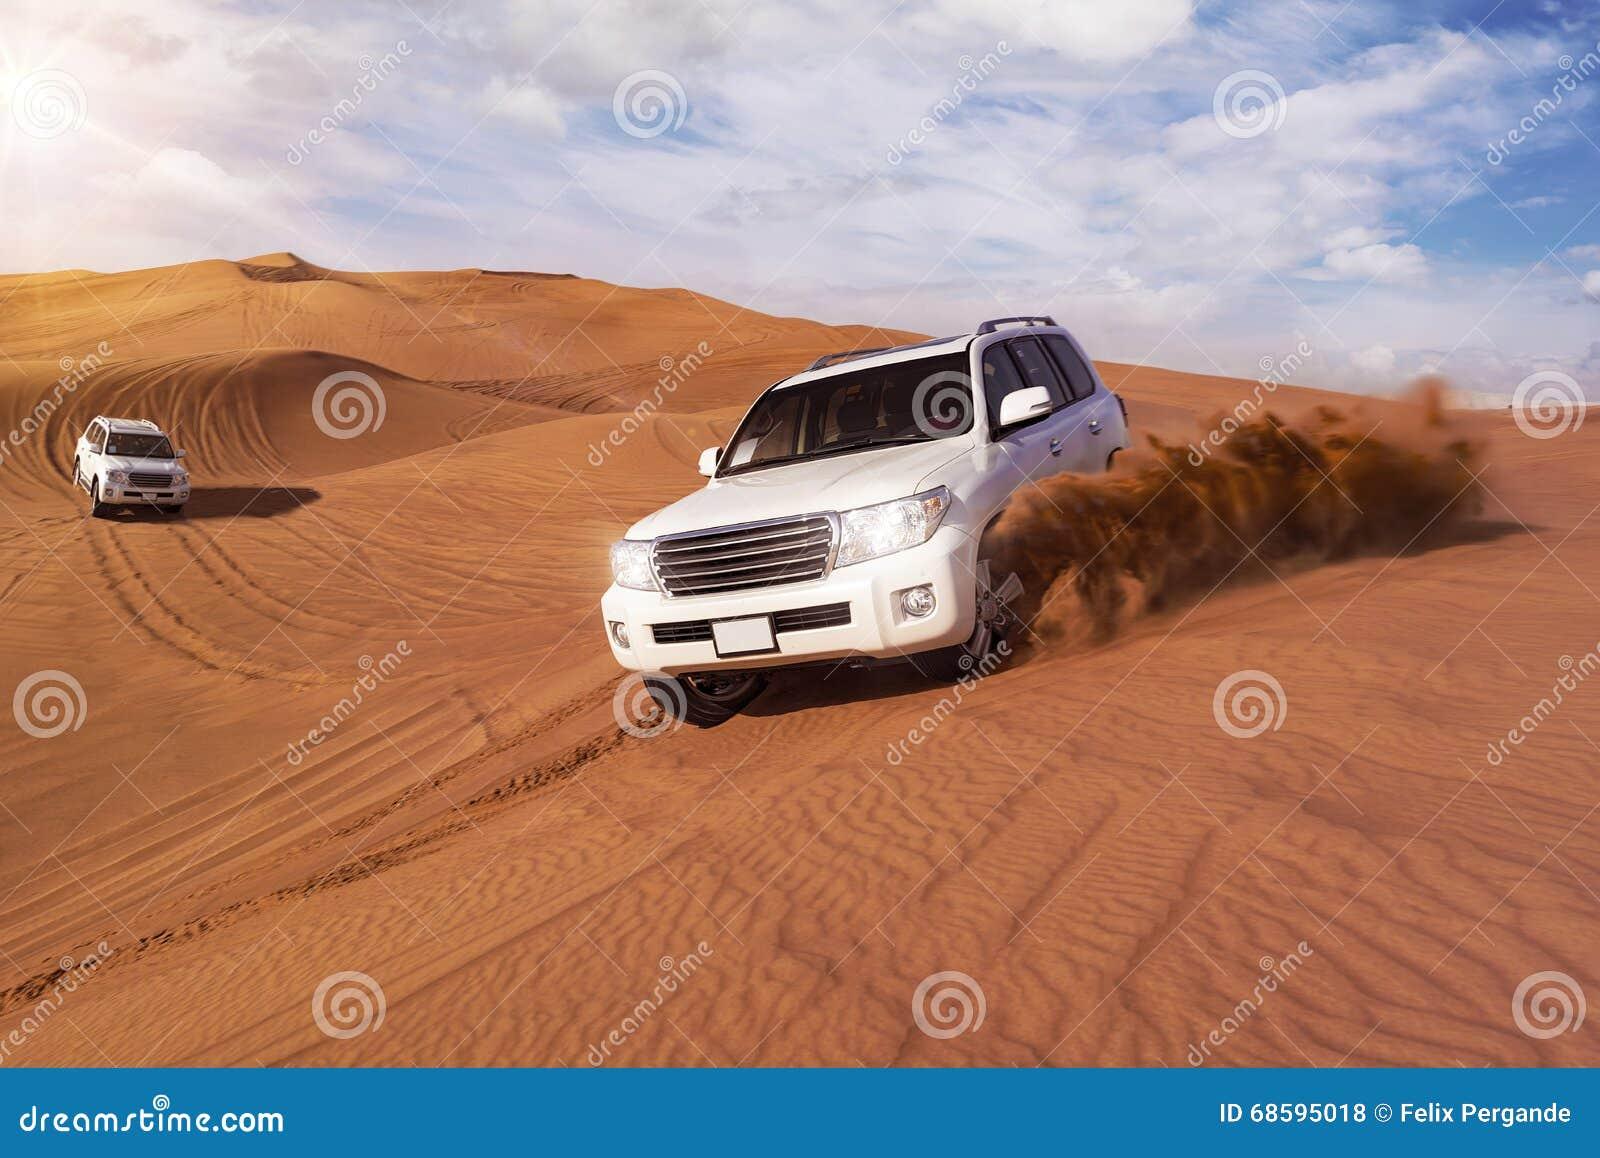 Desert Safari with SUVs